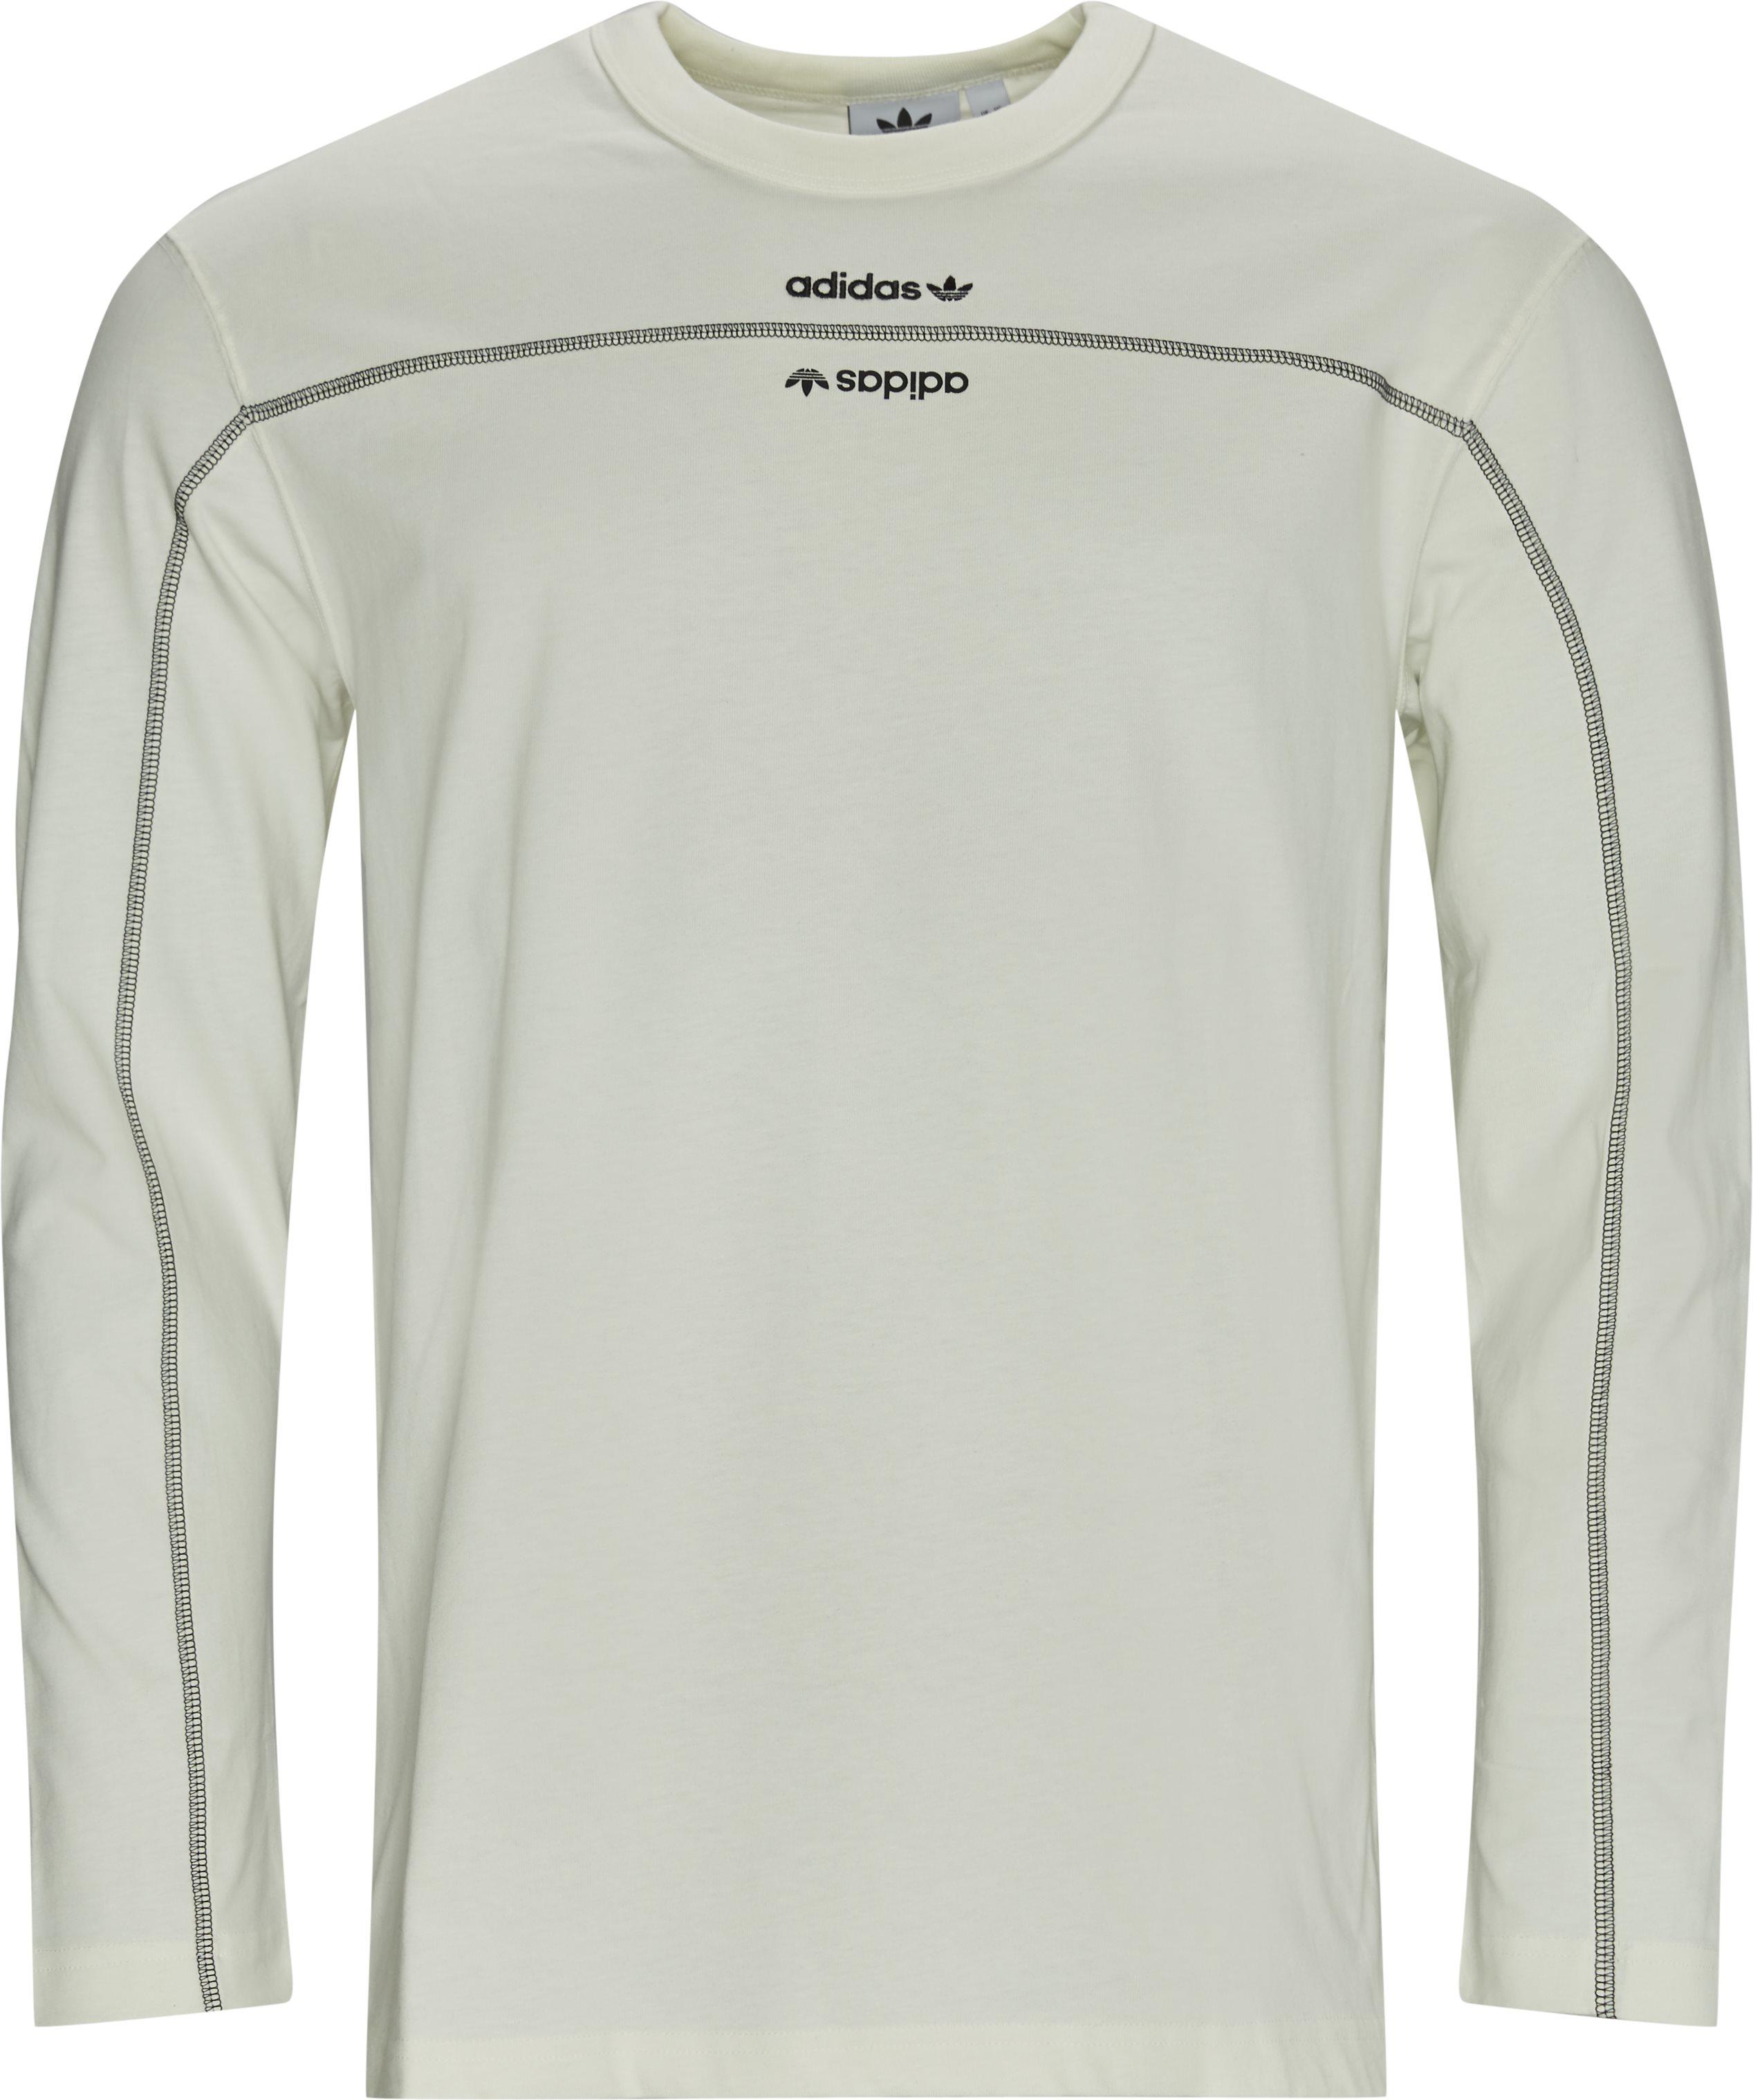 F LS Langærmet T-shirt - T-shirts - Regular - Hvid